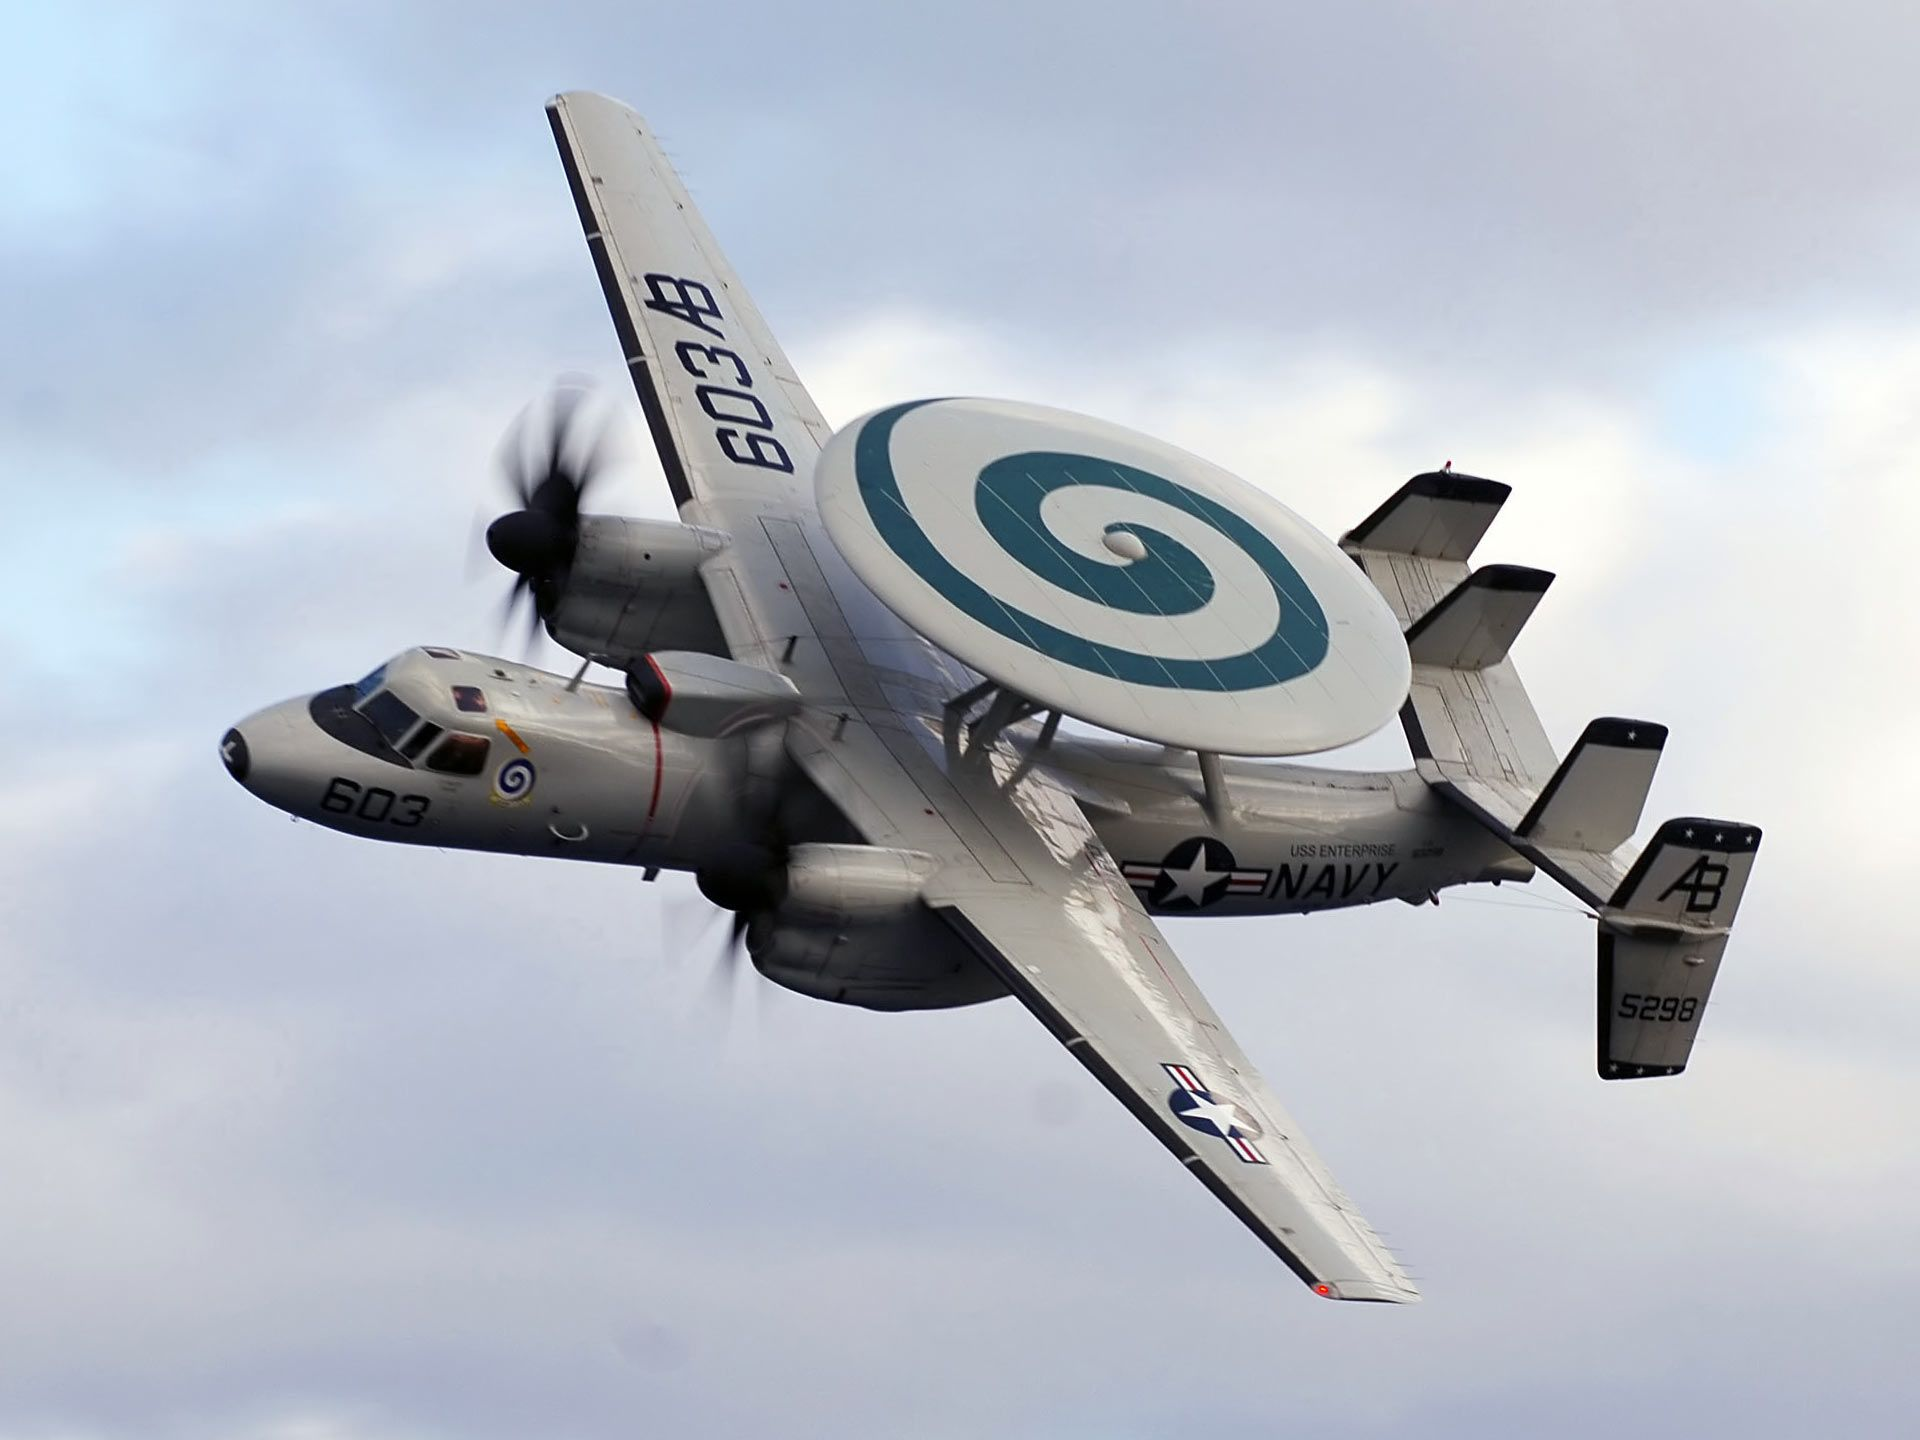 Grumman E-2E Hawkeye